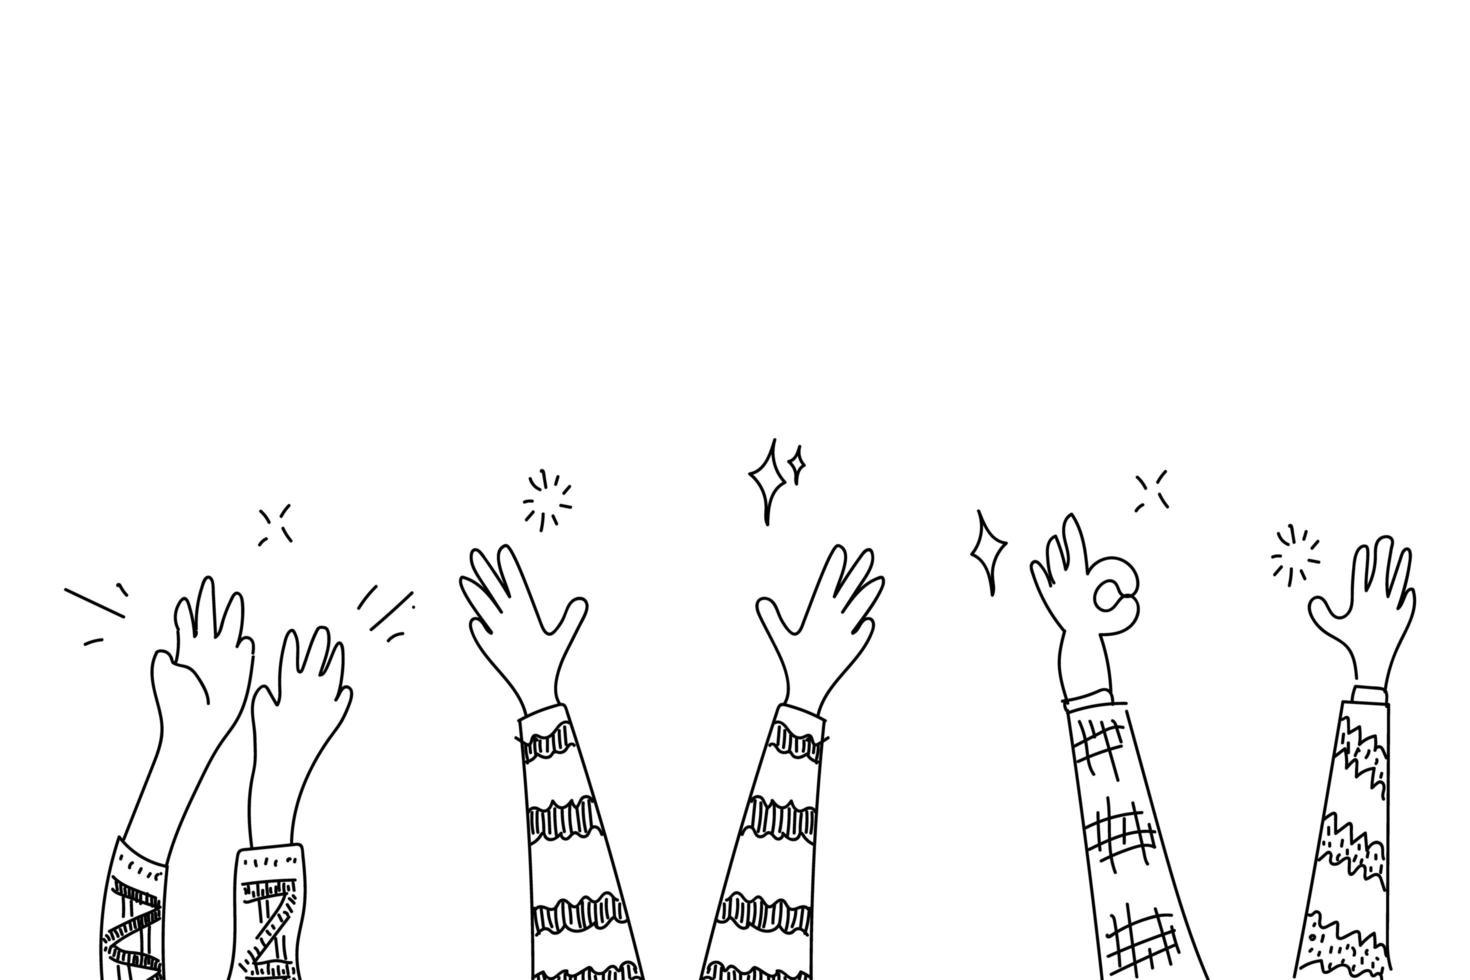 conjunto de mãos de doodle batendo palmas vetor